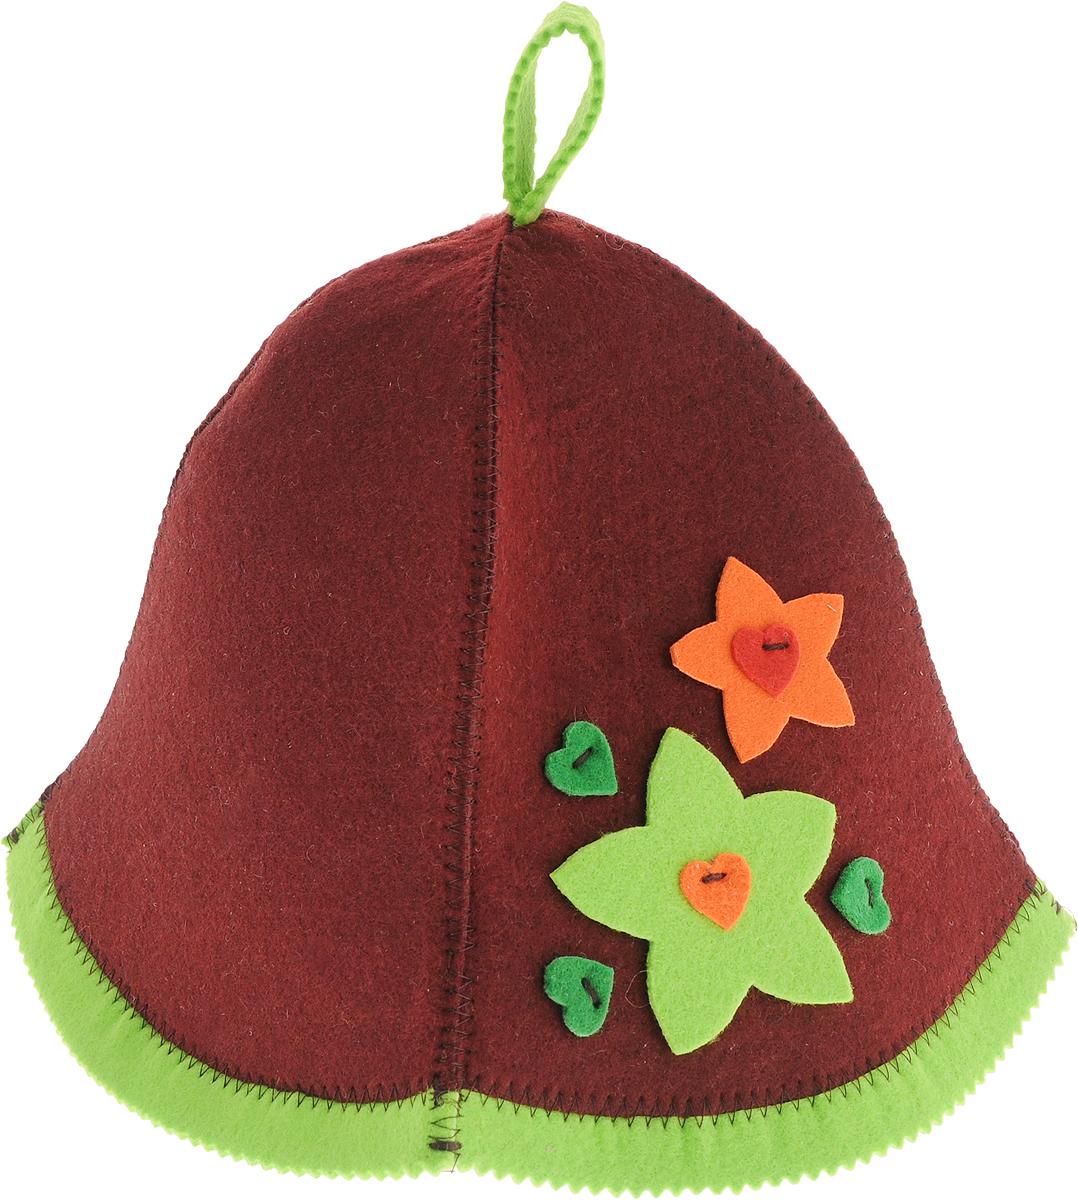 Шапка для бани и сауны Доктор баня Букет, цвет: бордовый шапка для бани и сауны доктор баня классическая кант